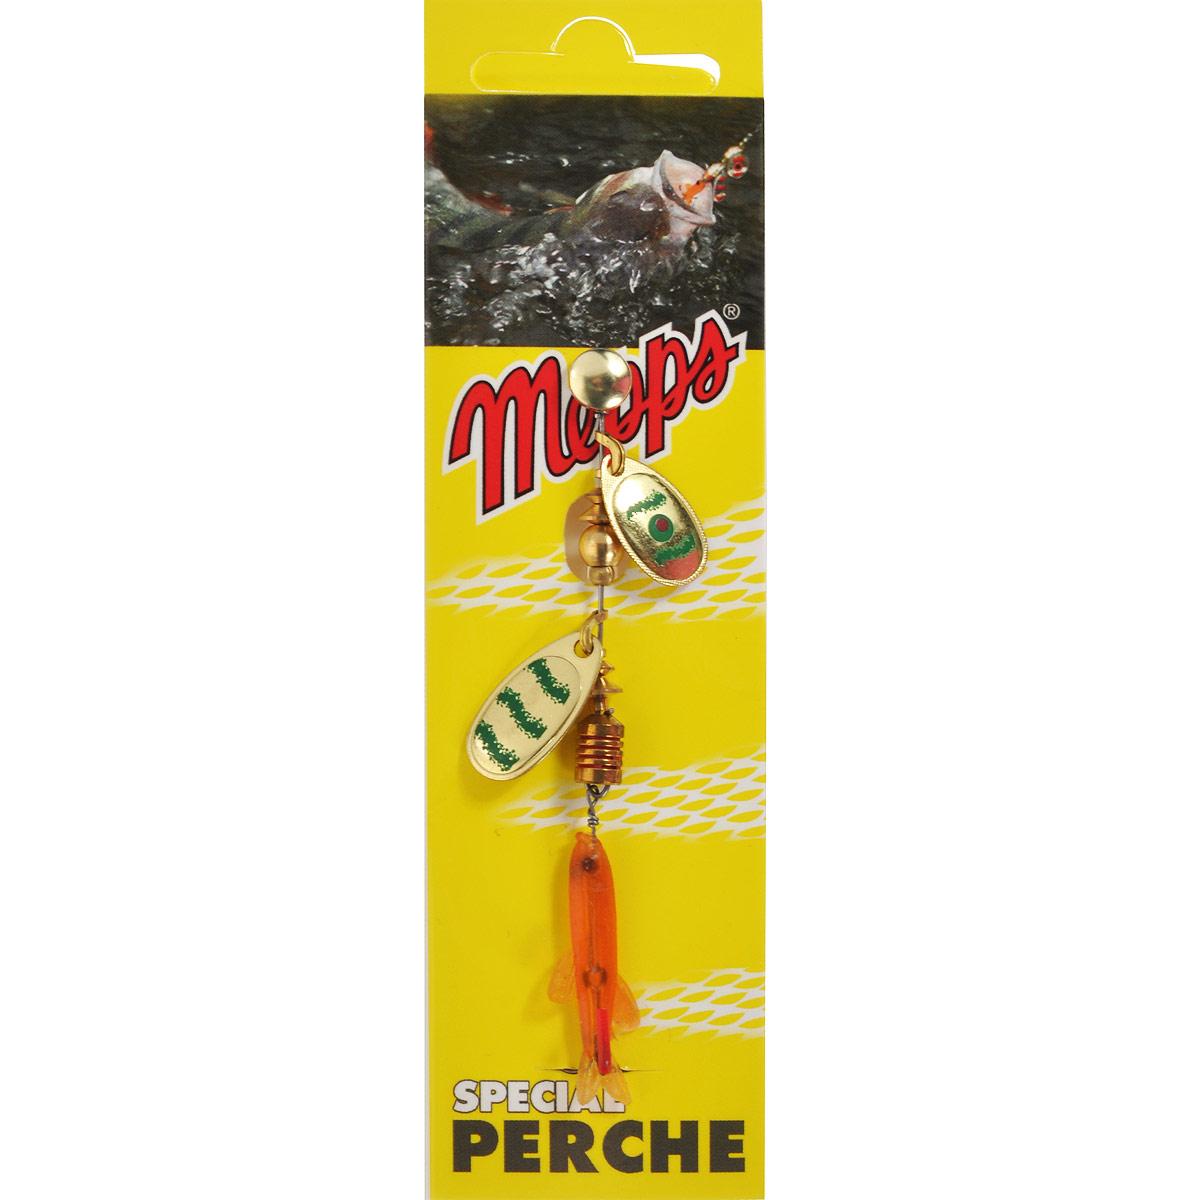 Блесна Mepps Tandem Perch OR/VERT, вращающаяся10948Вращающаяся блесна Mepps Tandem Perch OR/VERT в первую очередь рассчитана на ловлю окуня, который наиболее распространен в большинстве рек и озер. Двойной лепесток Tandem Perch и плавное погружение дают быстрые и сверх привлекательные сигналы, что вызывает у хищника желание полакомиться мальком.